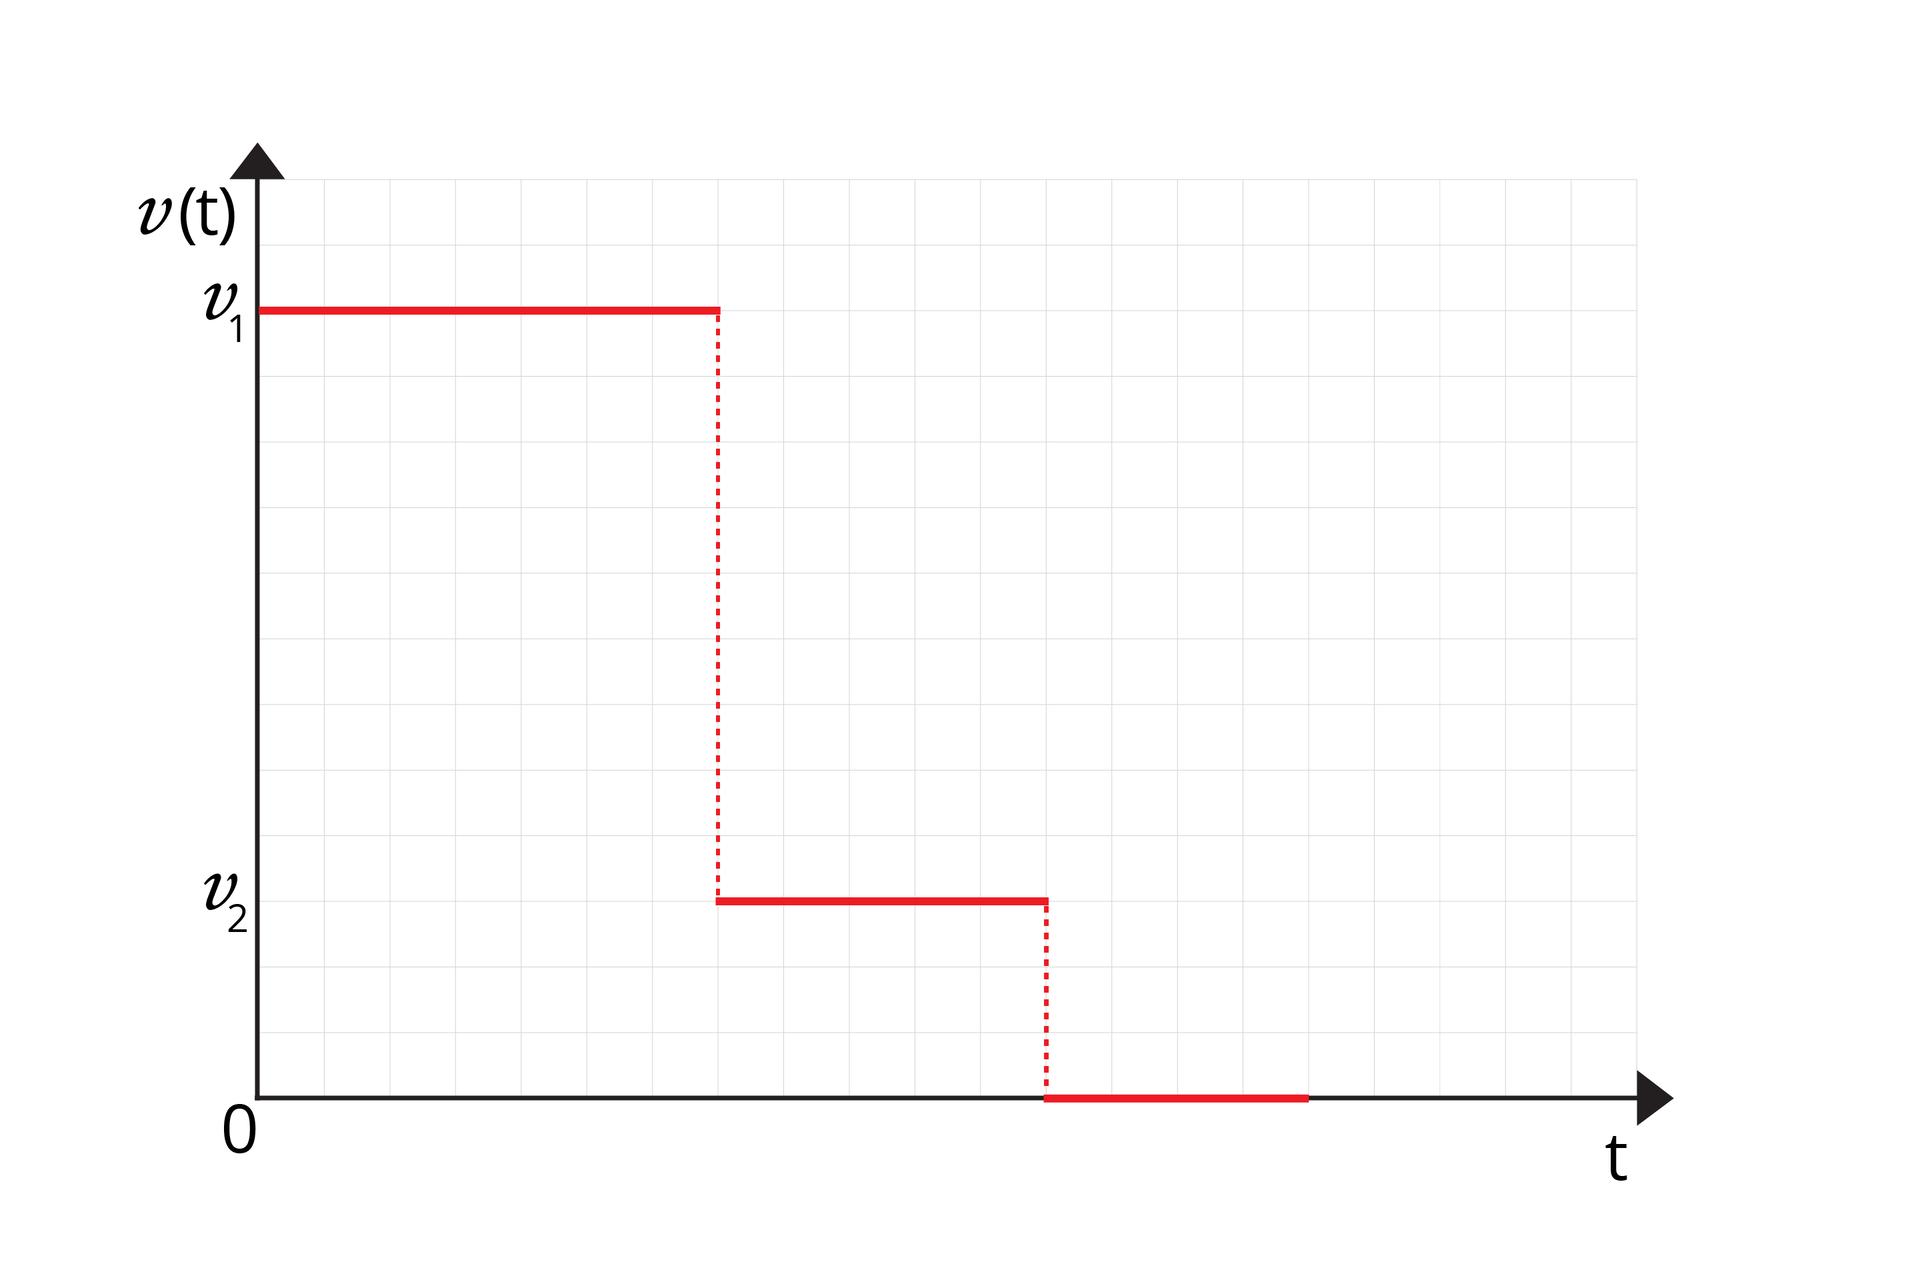 """Schemat przedstawia wykres zależności wartości prędkości od czasu. Opis osi: oś odciętych opisana """"t""""; oś rzędnych opisana """"v(t)"""". Na osiach nie oznaczono skali, widać jednak siatkę kratek. Na osi rzędnych zaznaczono dwie wartości v1 (u góry) iv2 (na dole). P(v1) = (0, 12). P(v2) = (0, 3). Na wykresie narysowano trzy czerwone odcinki, równoległe do osi odciętych. Pierwszy ma początek wpunkcie (0, v1), koniec wpunkcie (7, v1). Drugi ma początek wpunckie (7, v2), koniec wpunkcie (12, v2). Trzeci ma początek wpunkcie (12, 0), koniec wpunkcie (16, 0)."""